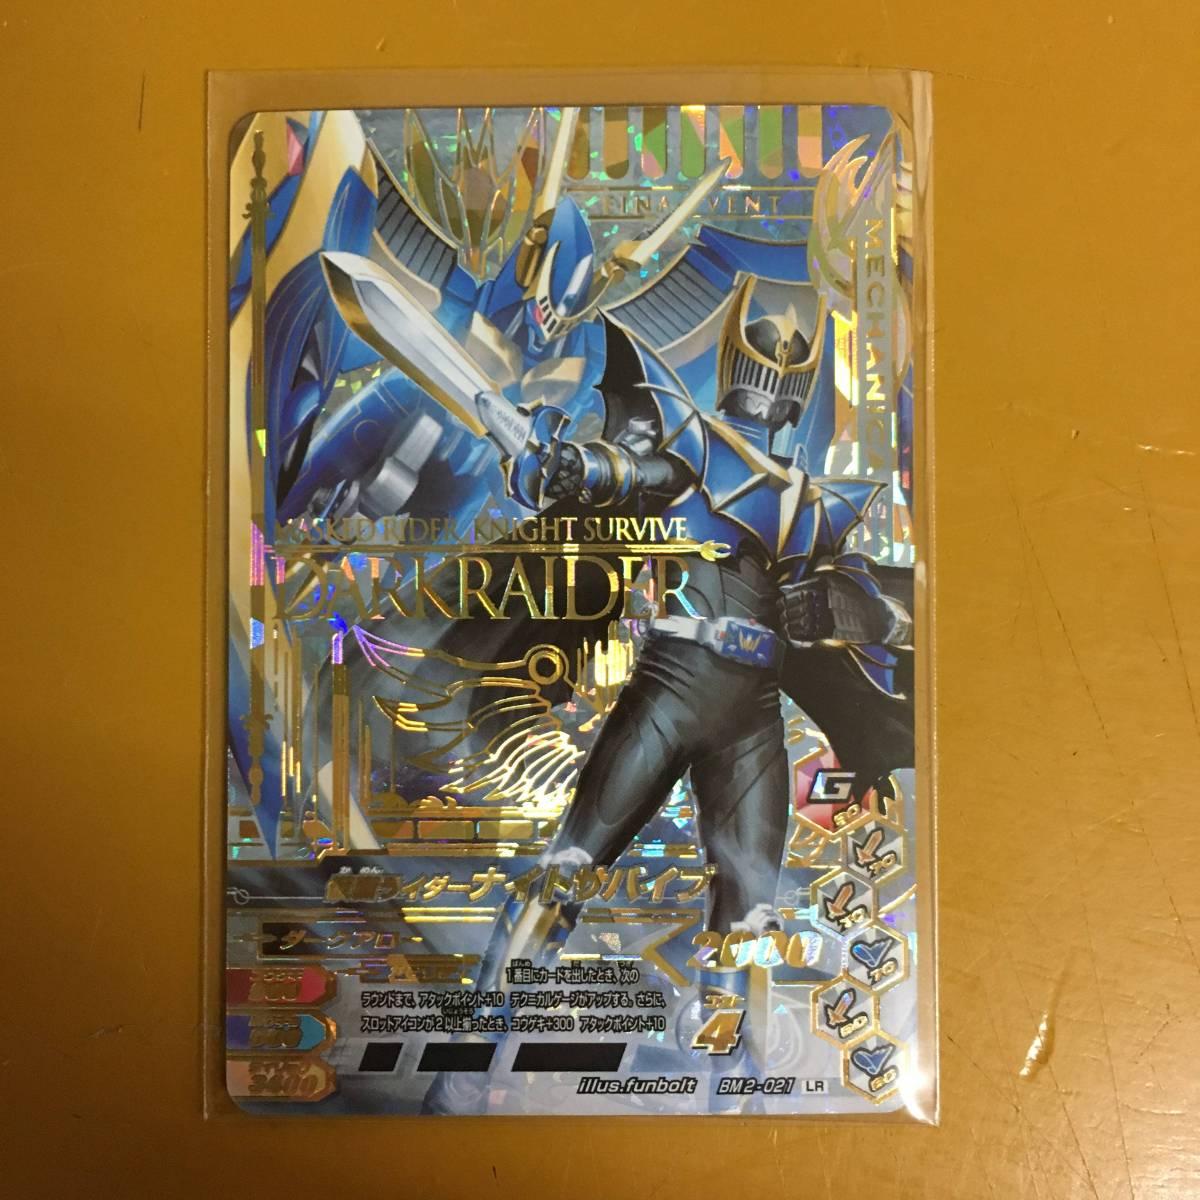 ◆4 ガンバライジング BM2-021 LR 仮面ライダーナイトサバイブ